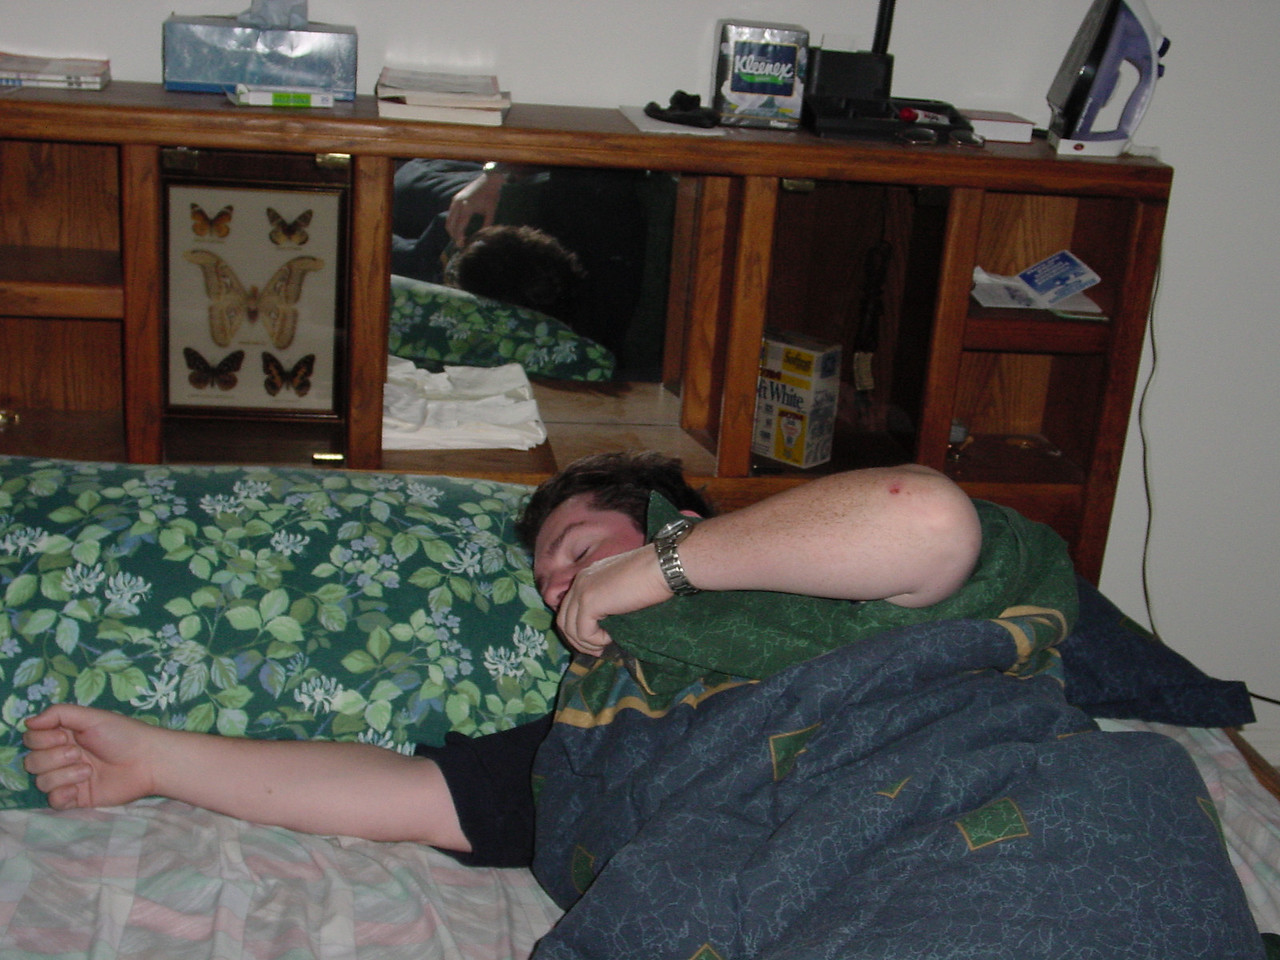 RB - sleeping it off